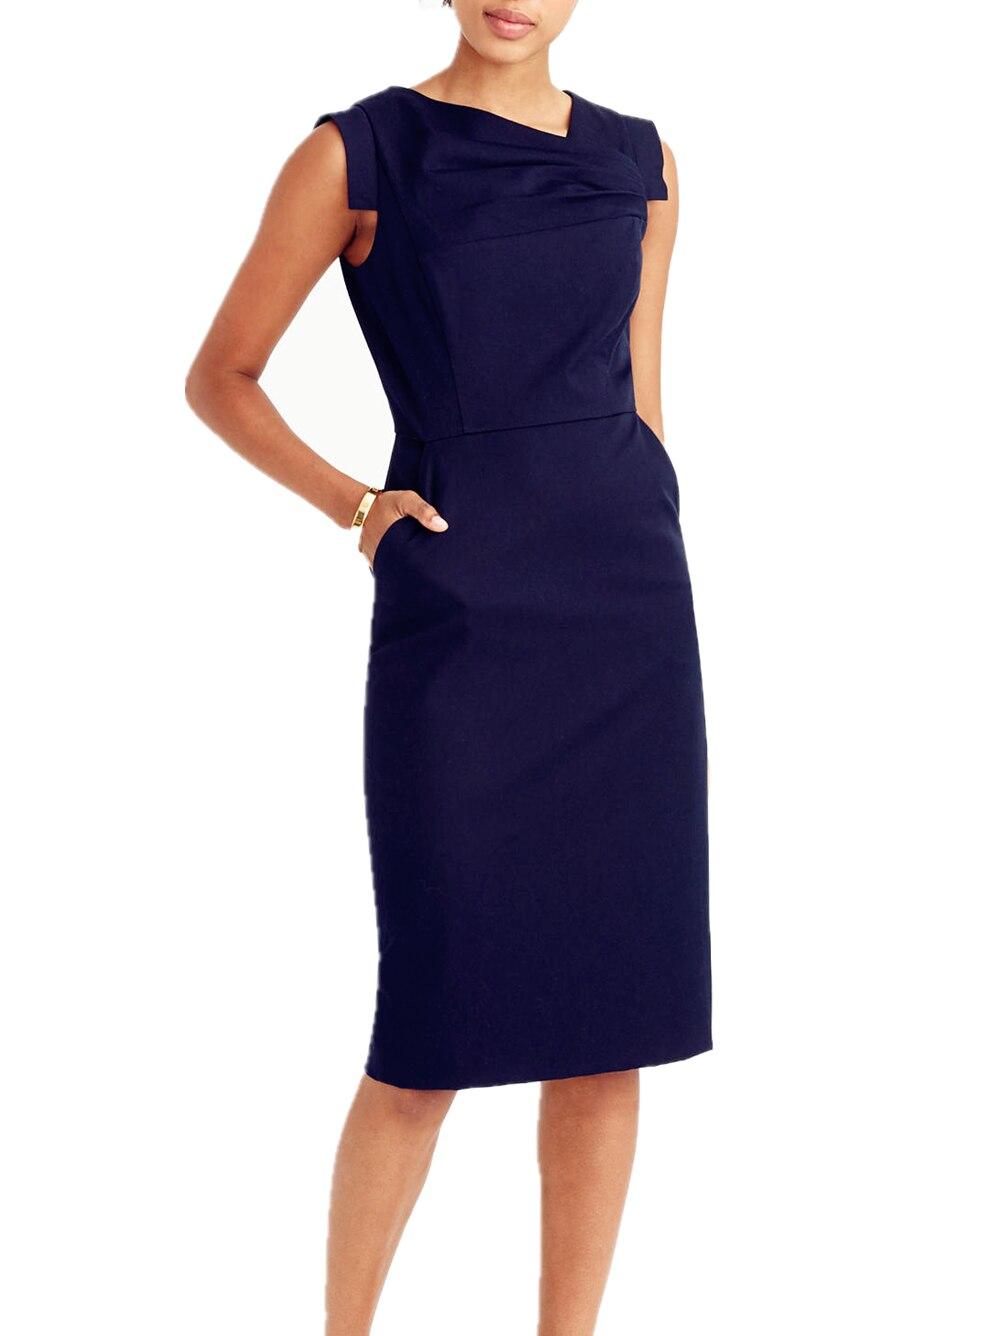 ce07d4d700 Florescendo Geléia Ruched Simples Elegante Mulheres Trabalho de Escritório  Vestido Preto Básico Com Bolso Sem Mangas Forrado Vestido de Negócios 2017  ...